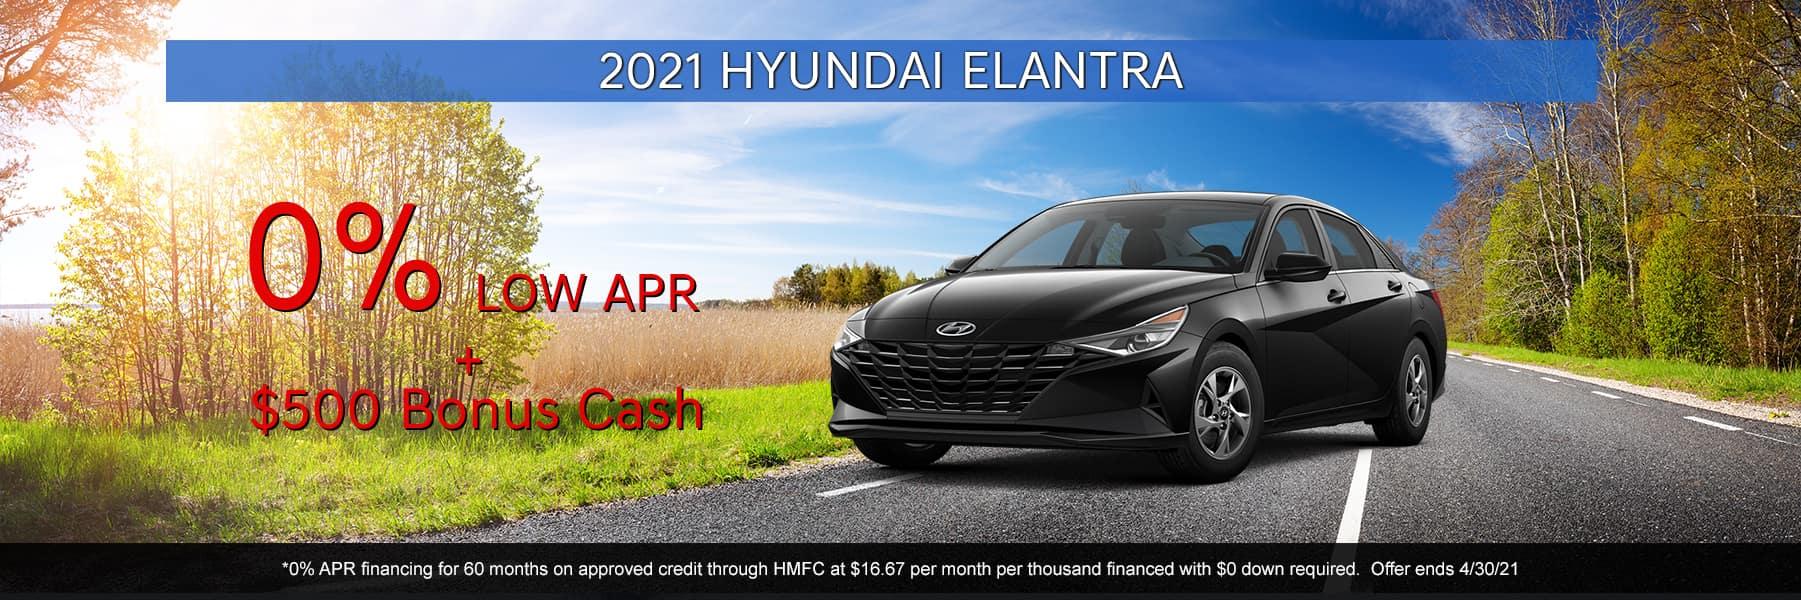 2021-Hyundai-Elantra-Apr21